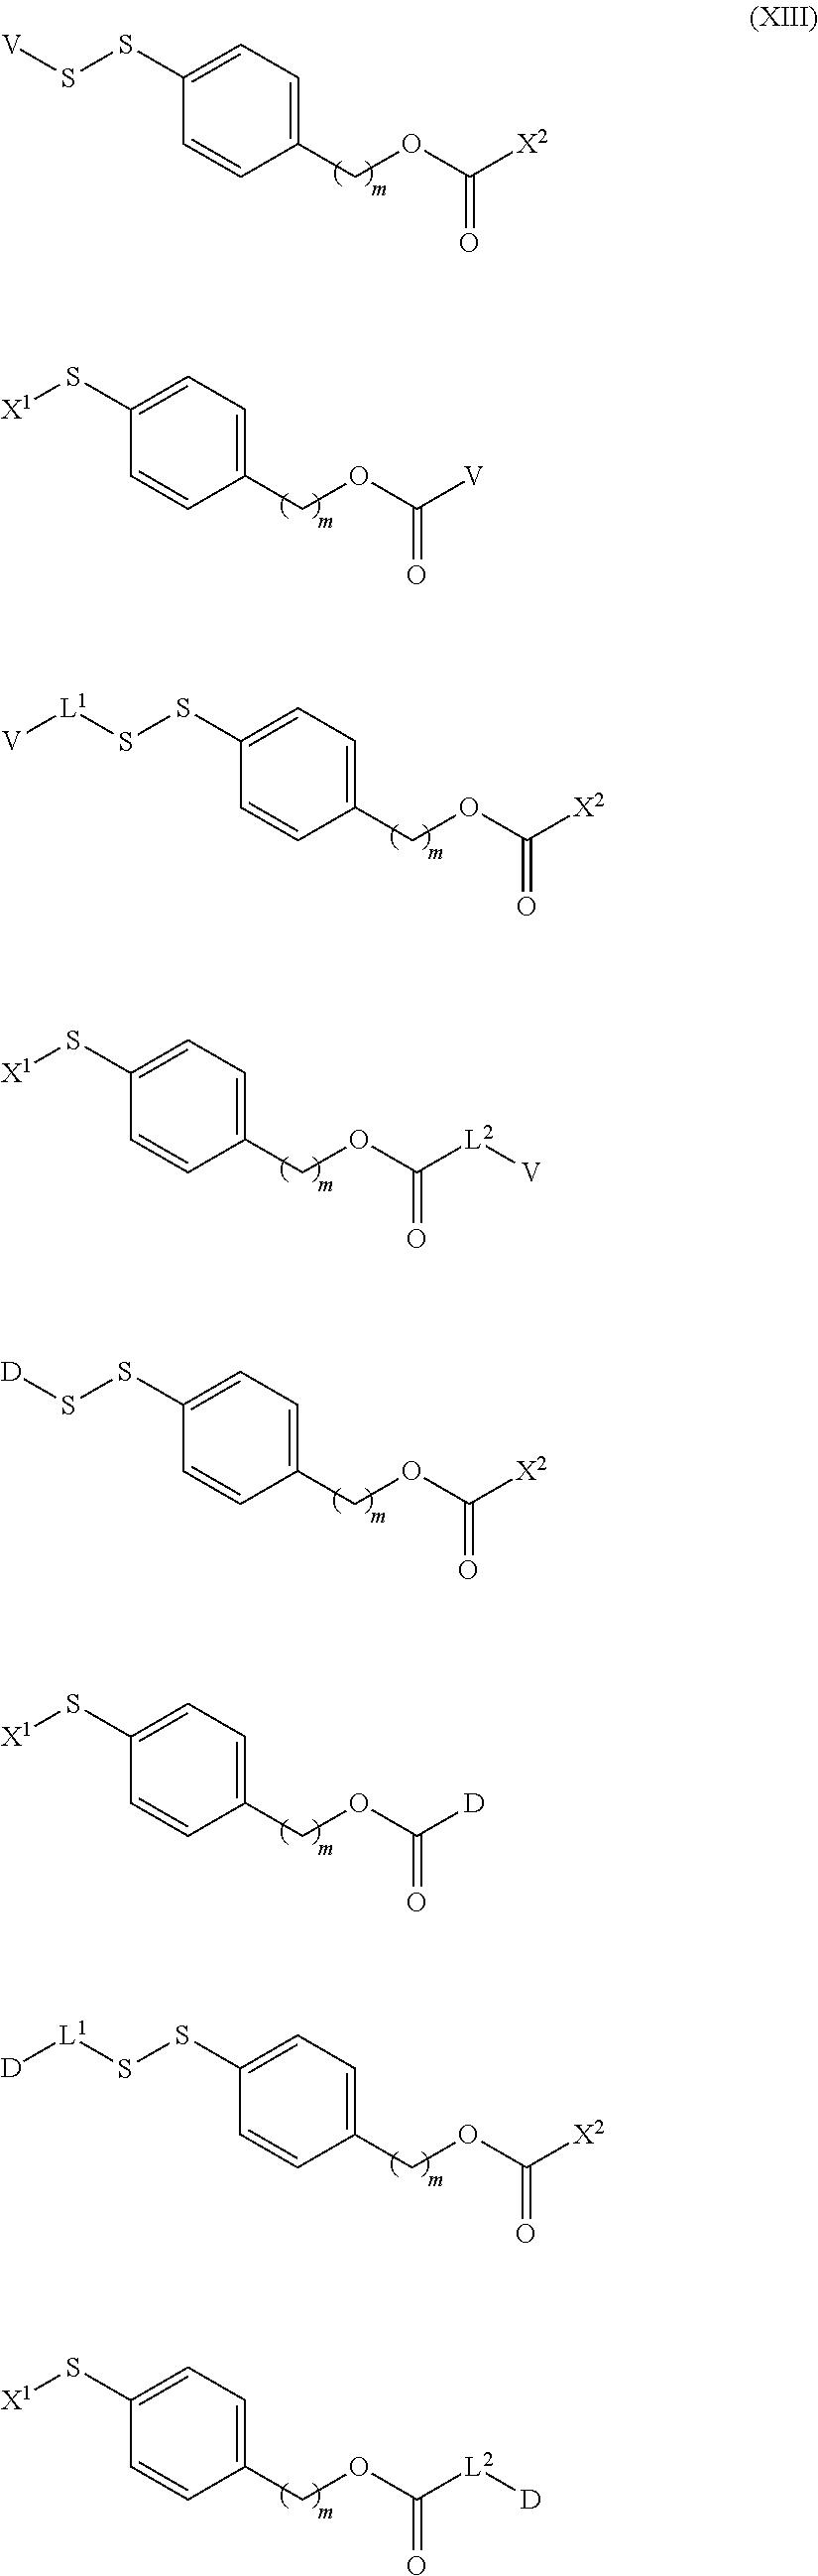 Figure US09550734-20170124-C00017